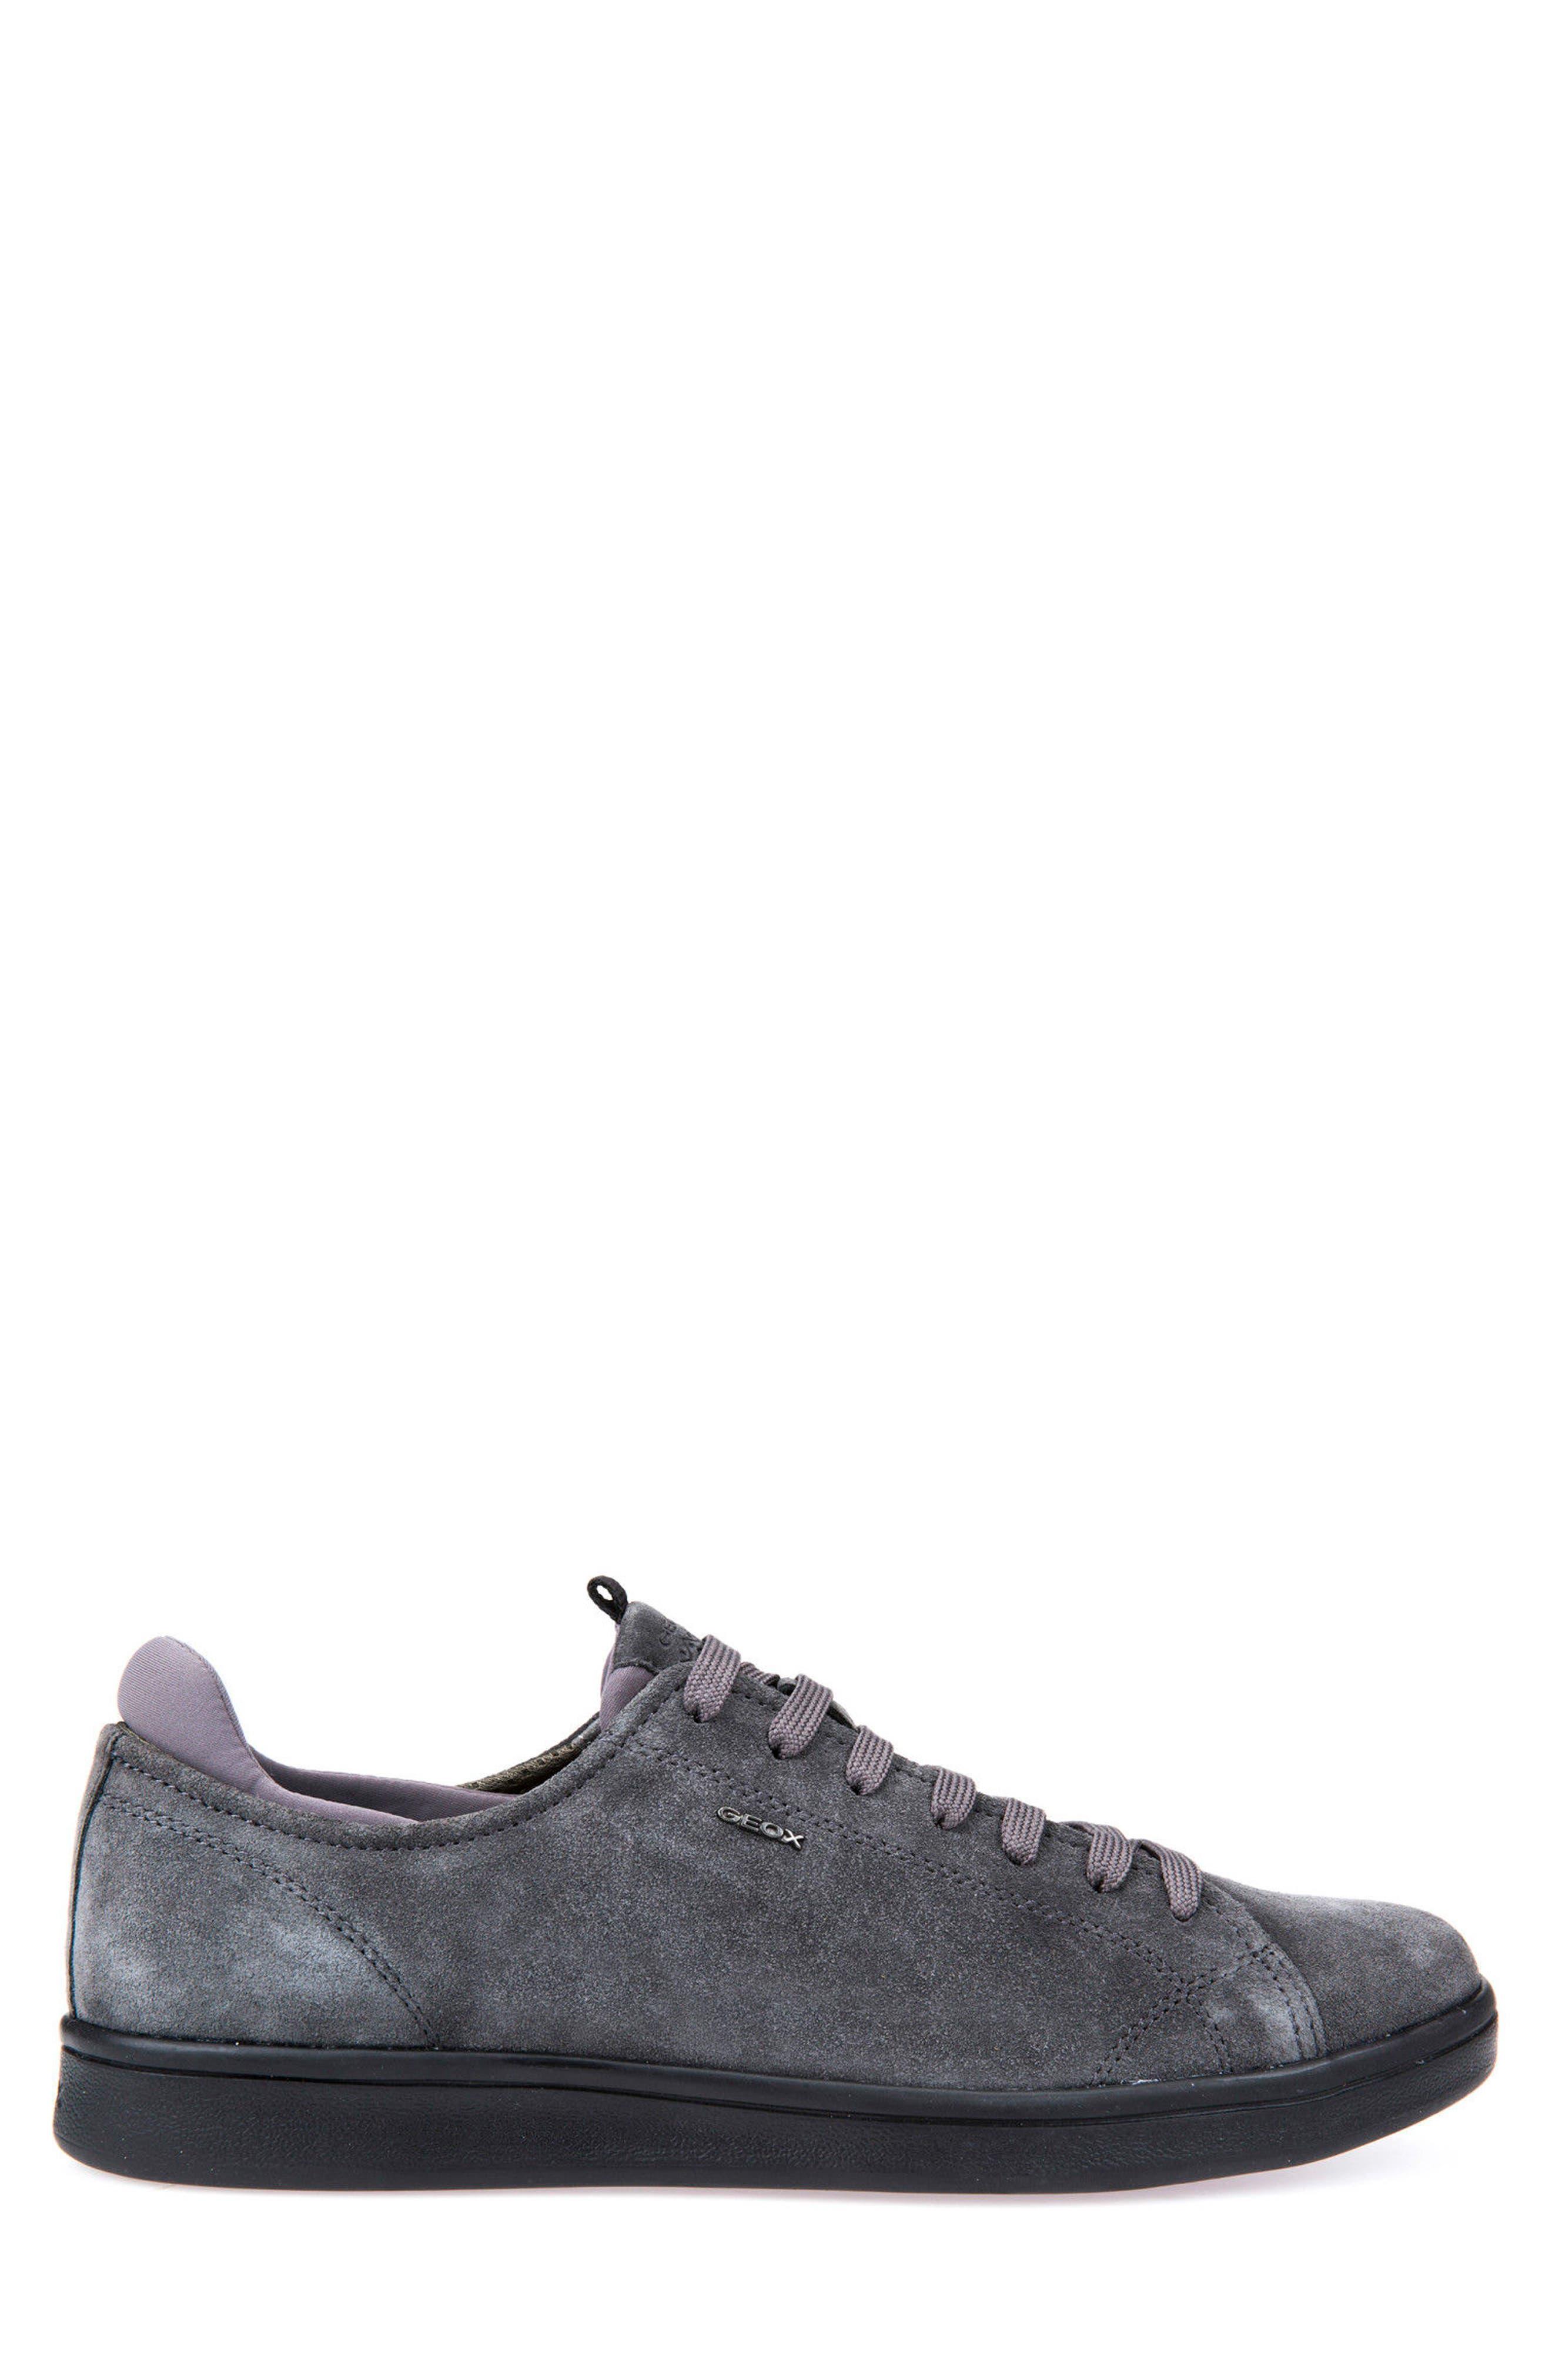 Warrens 8 Low-Top Sneaker,                             Alternate thumbnail 3, color,                             020